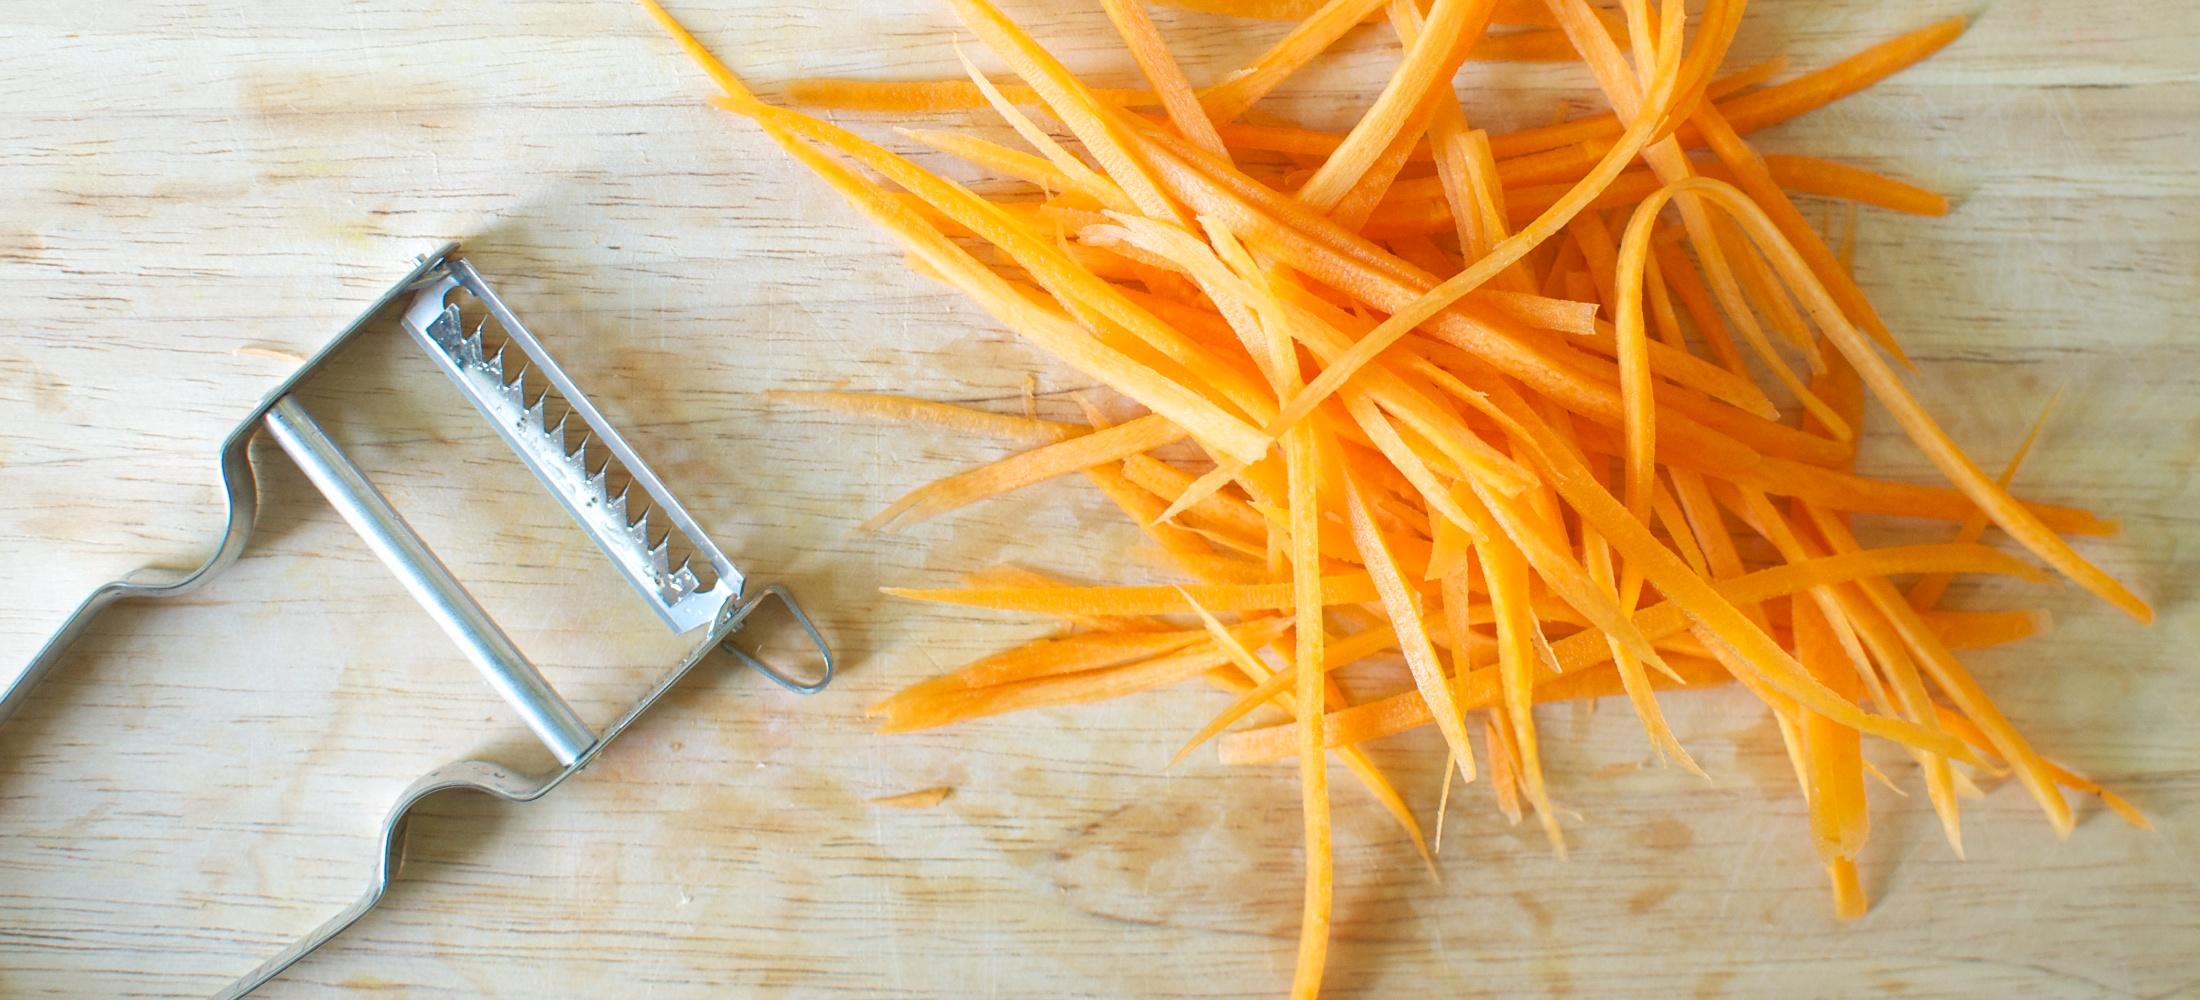 Julienne Schäler im Einsatz mit Karotten